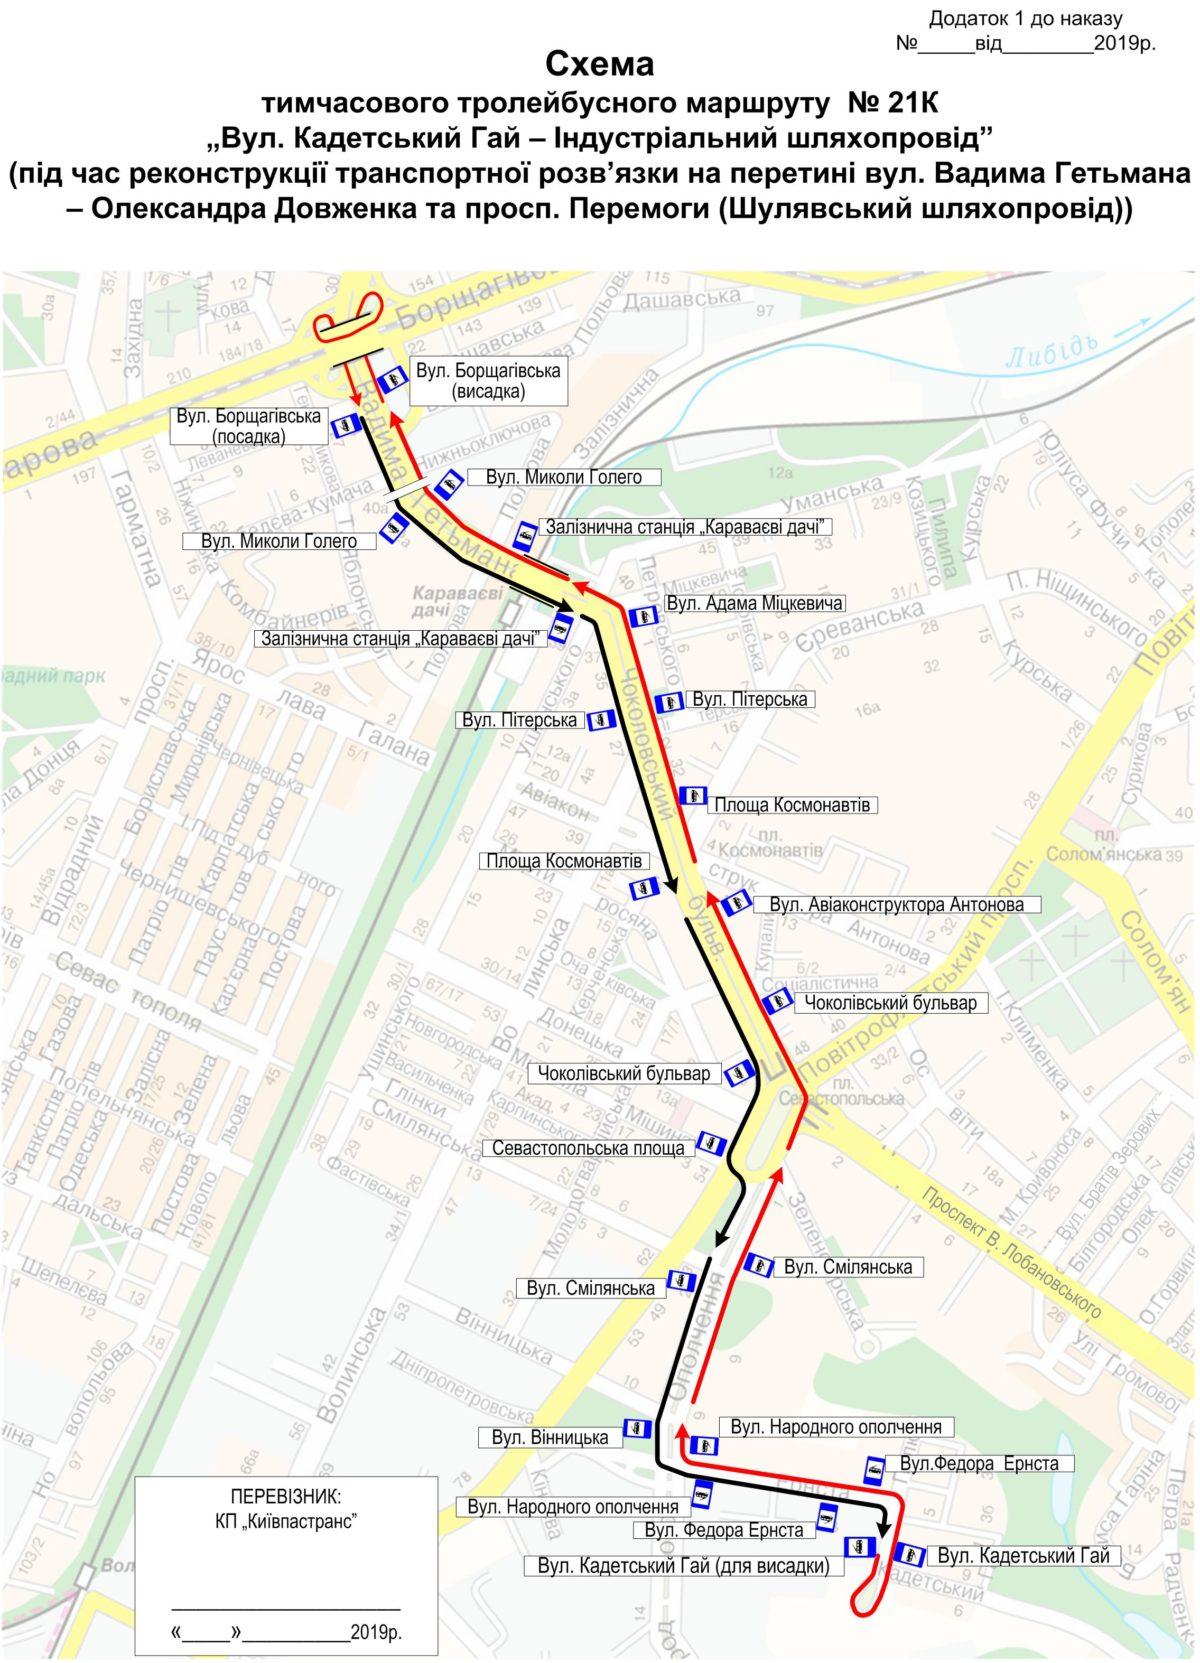 Как будет организован троллейбусный маршрут №21к